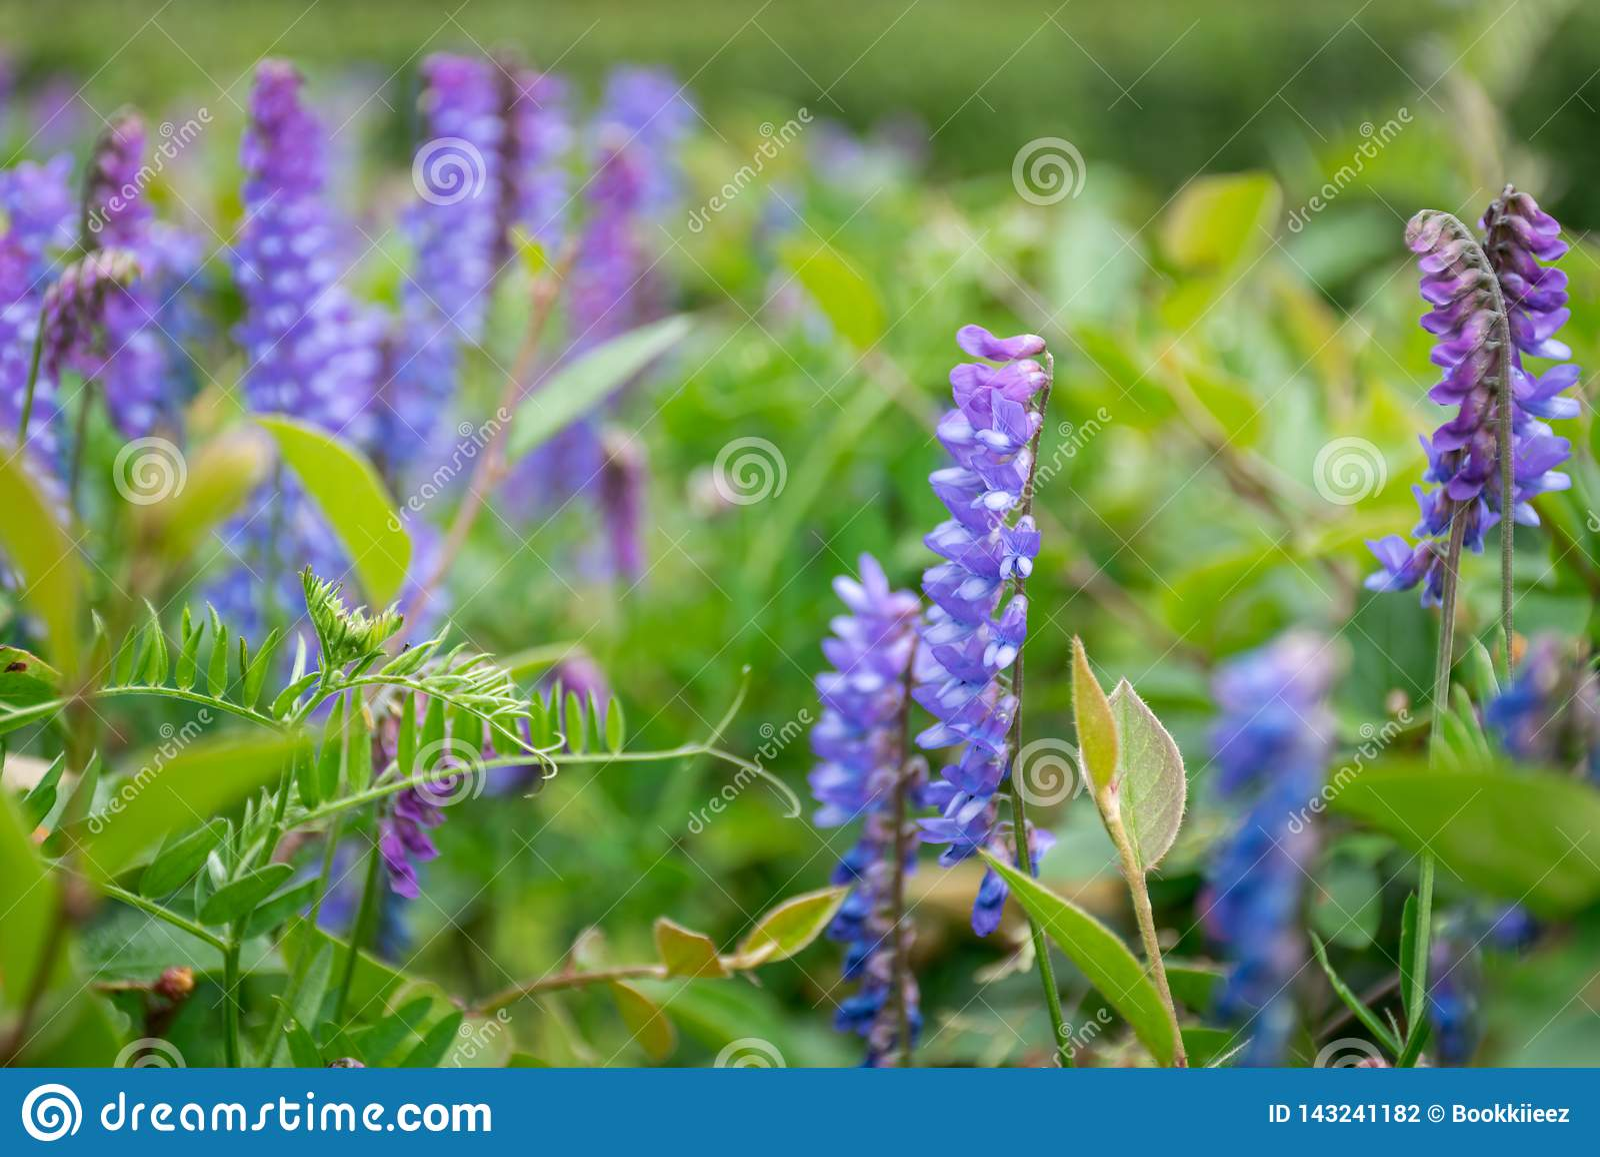 Slut upp blått-violetta blommor i trädgård